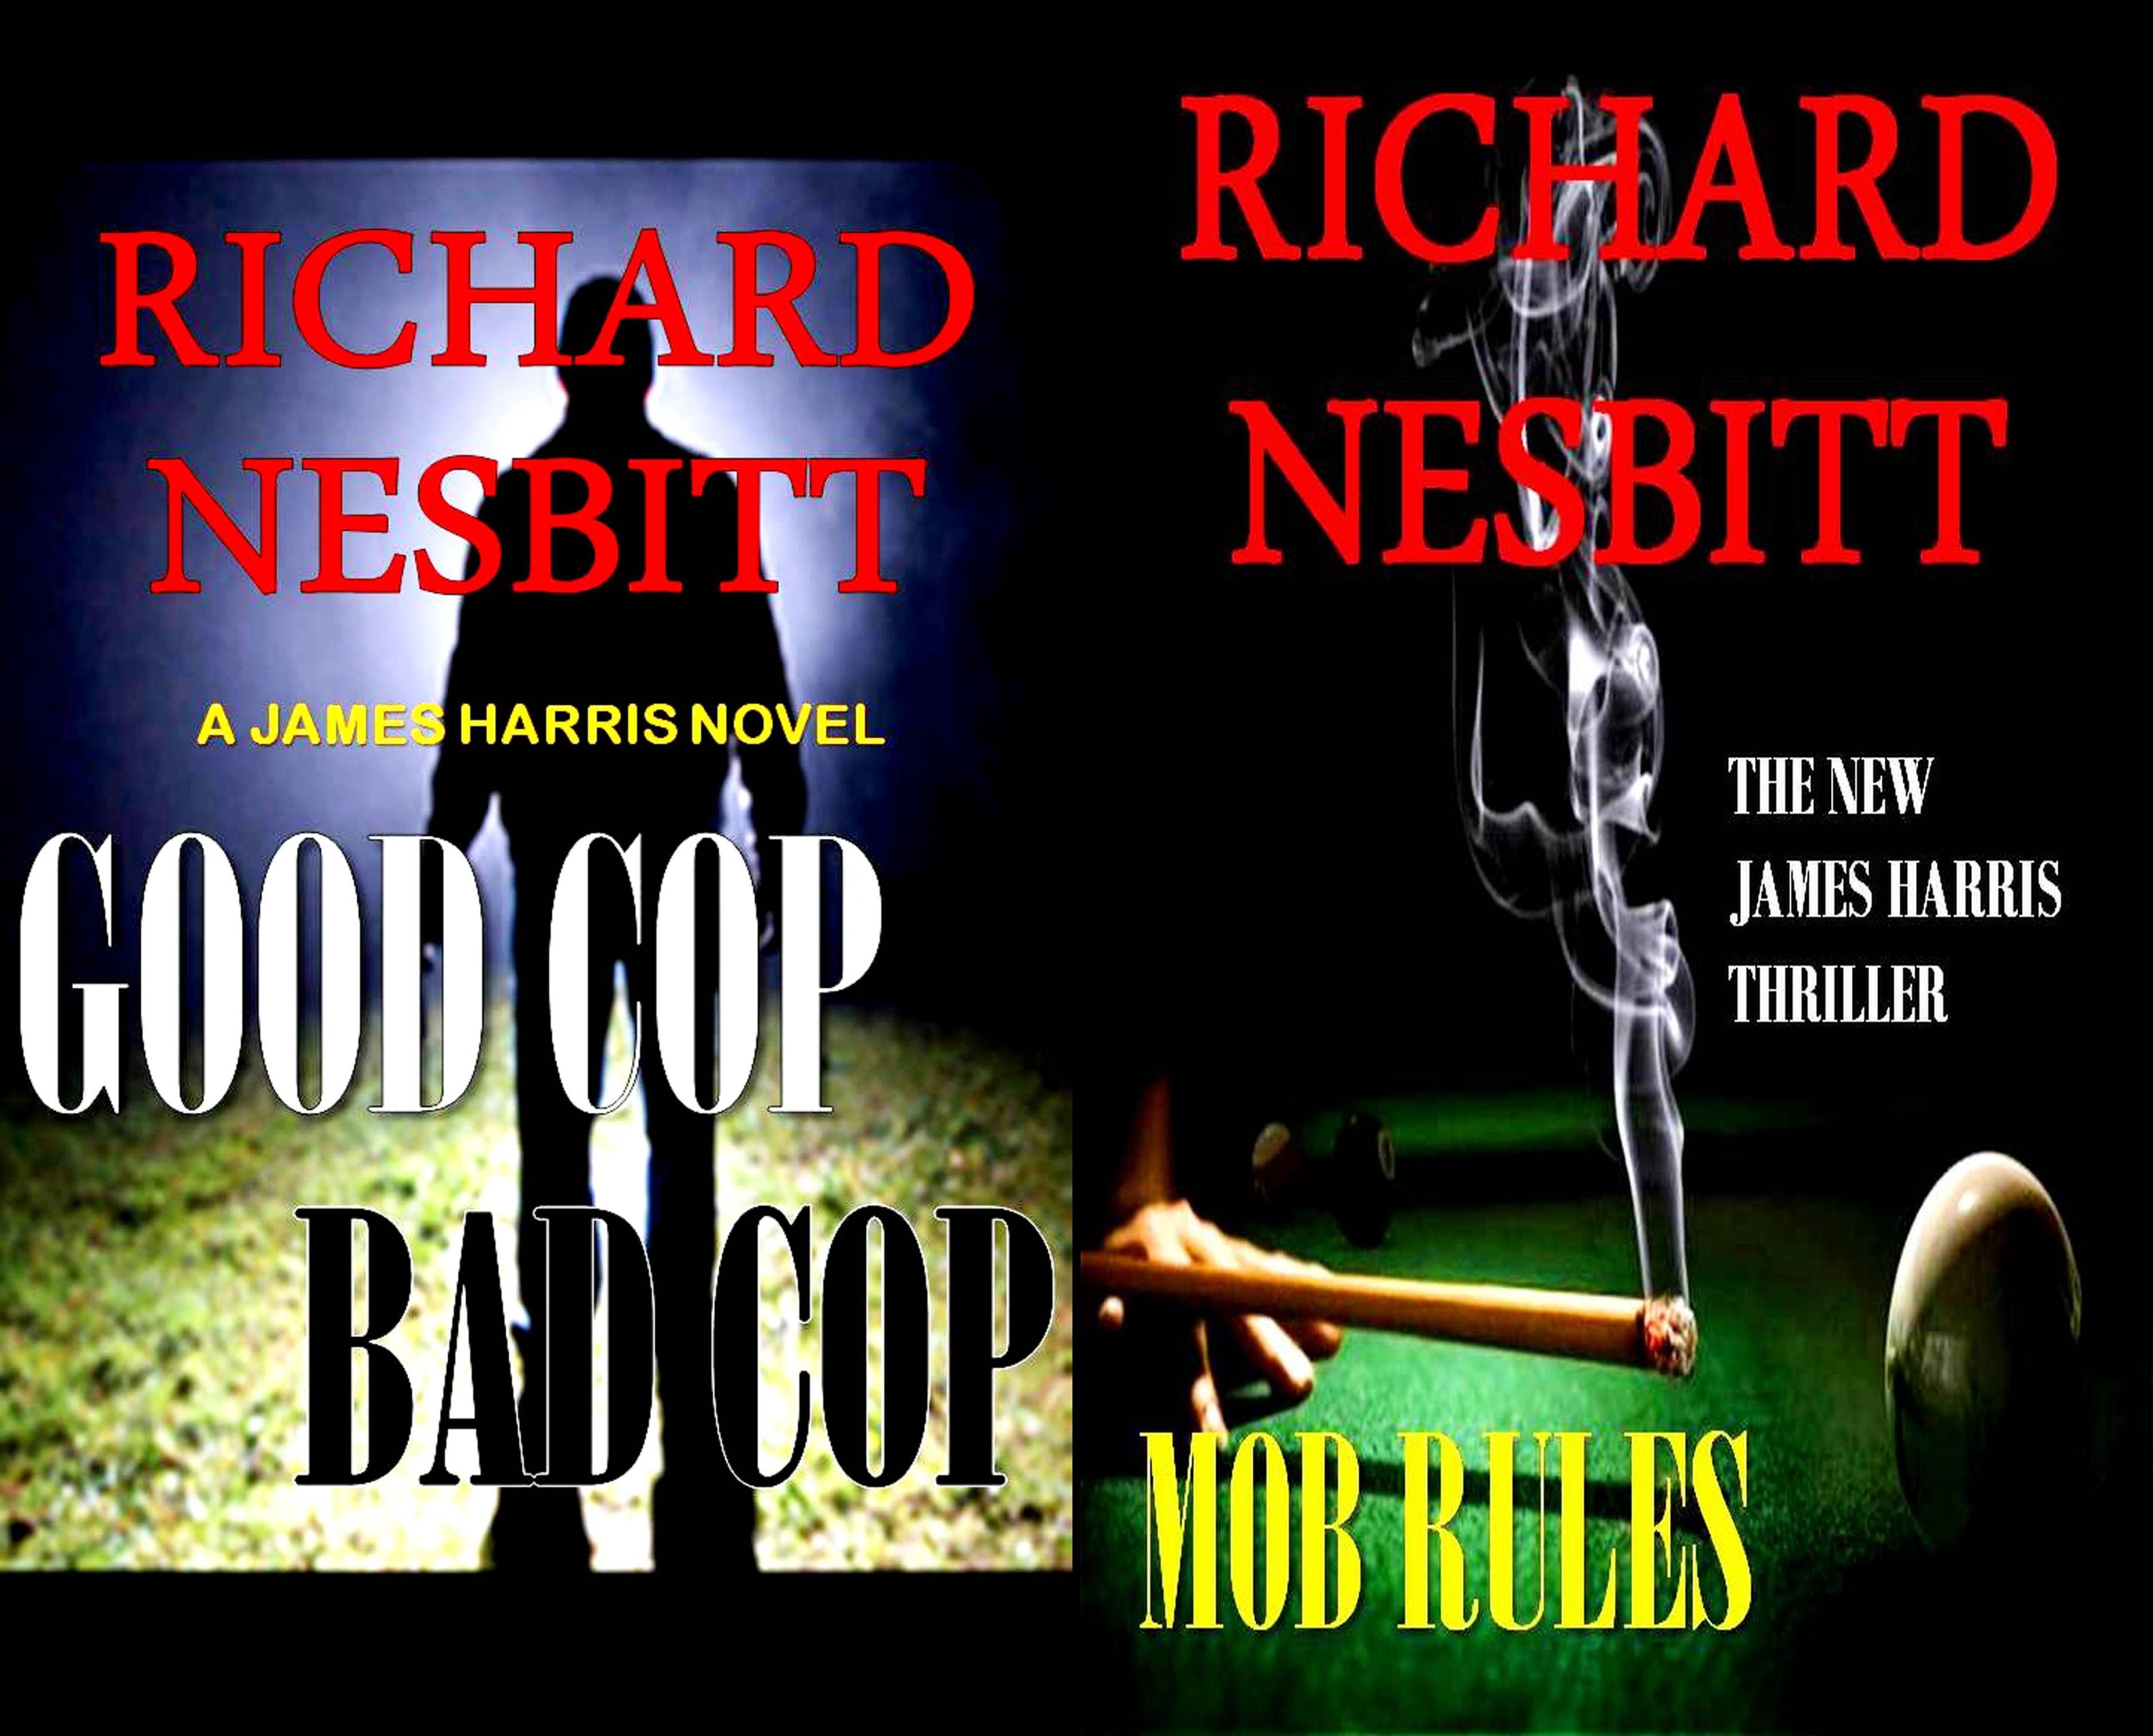 A James Harris Series (2 Book Series)